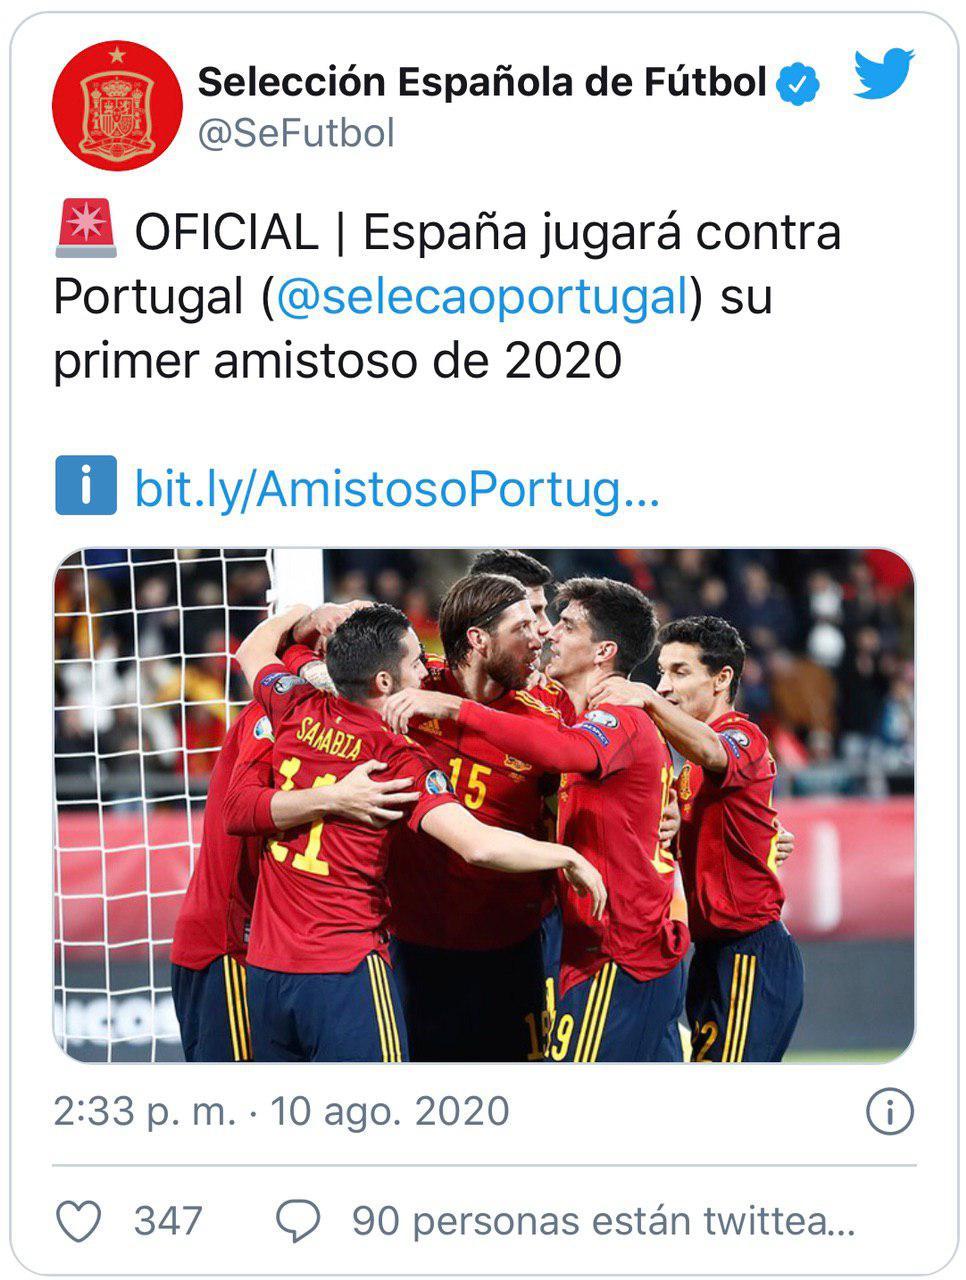 اولین بازی دوستانه تیم ملی اسپانیا مشخص شد